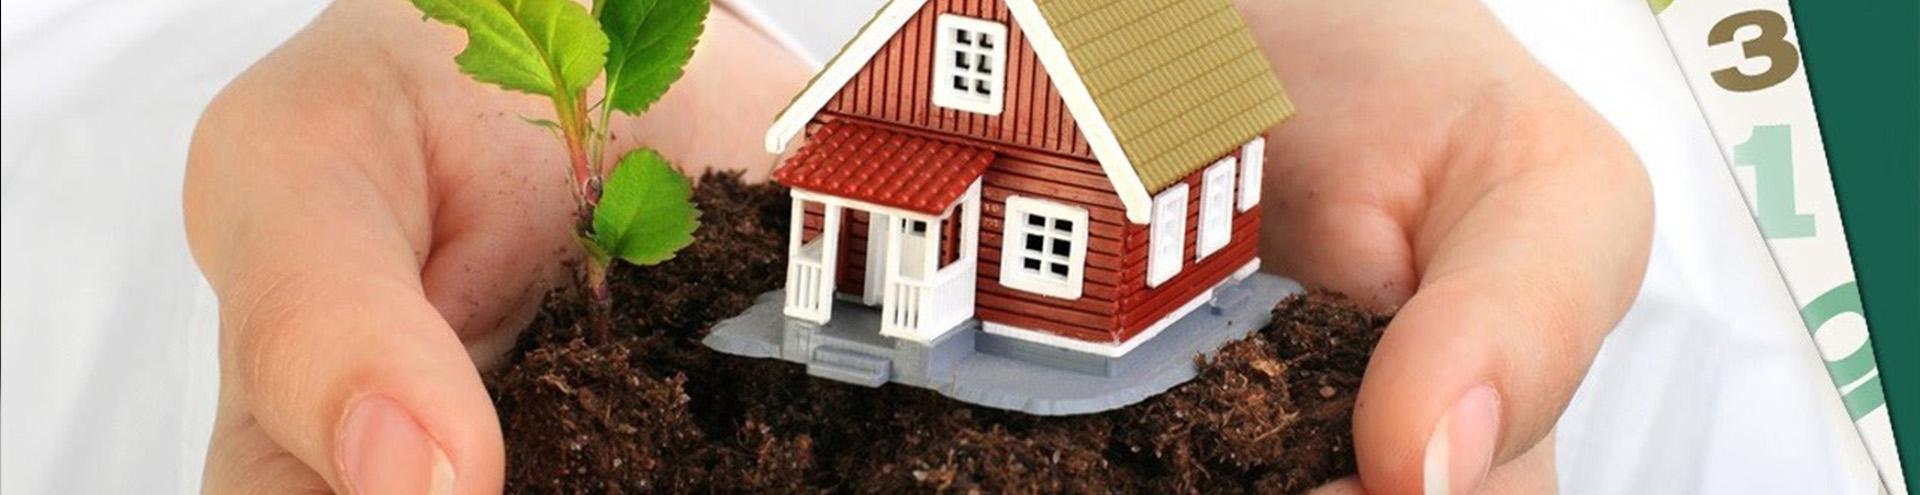 права собственности по приобретательной давности в Нижнем Новгороде